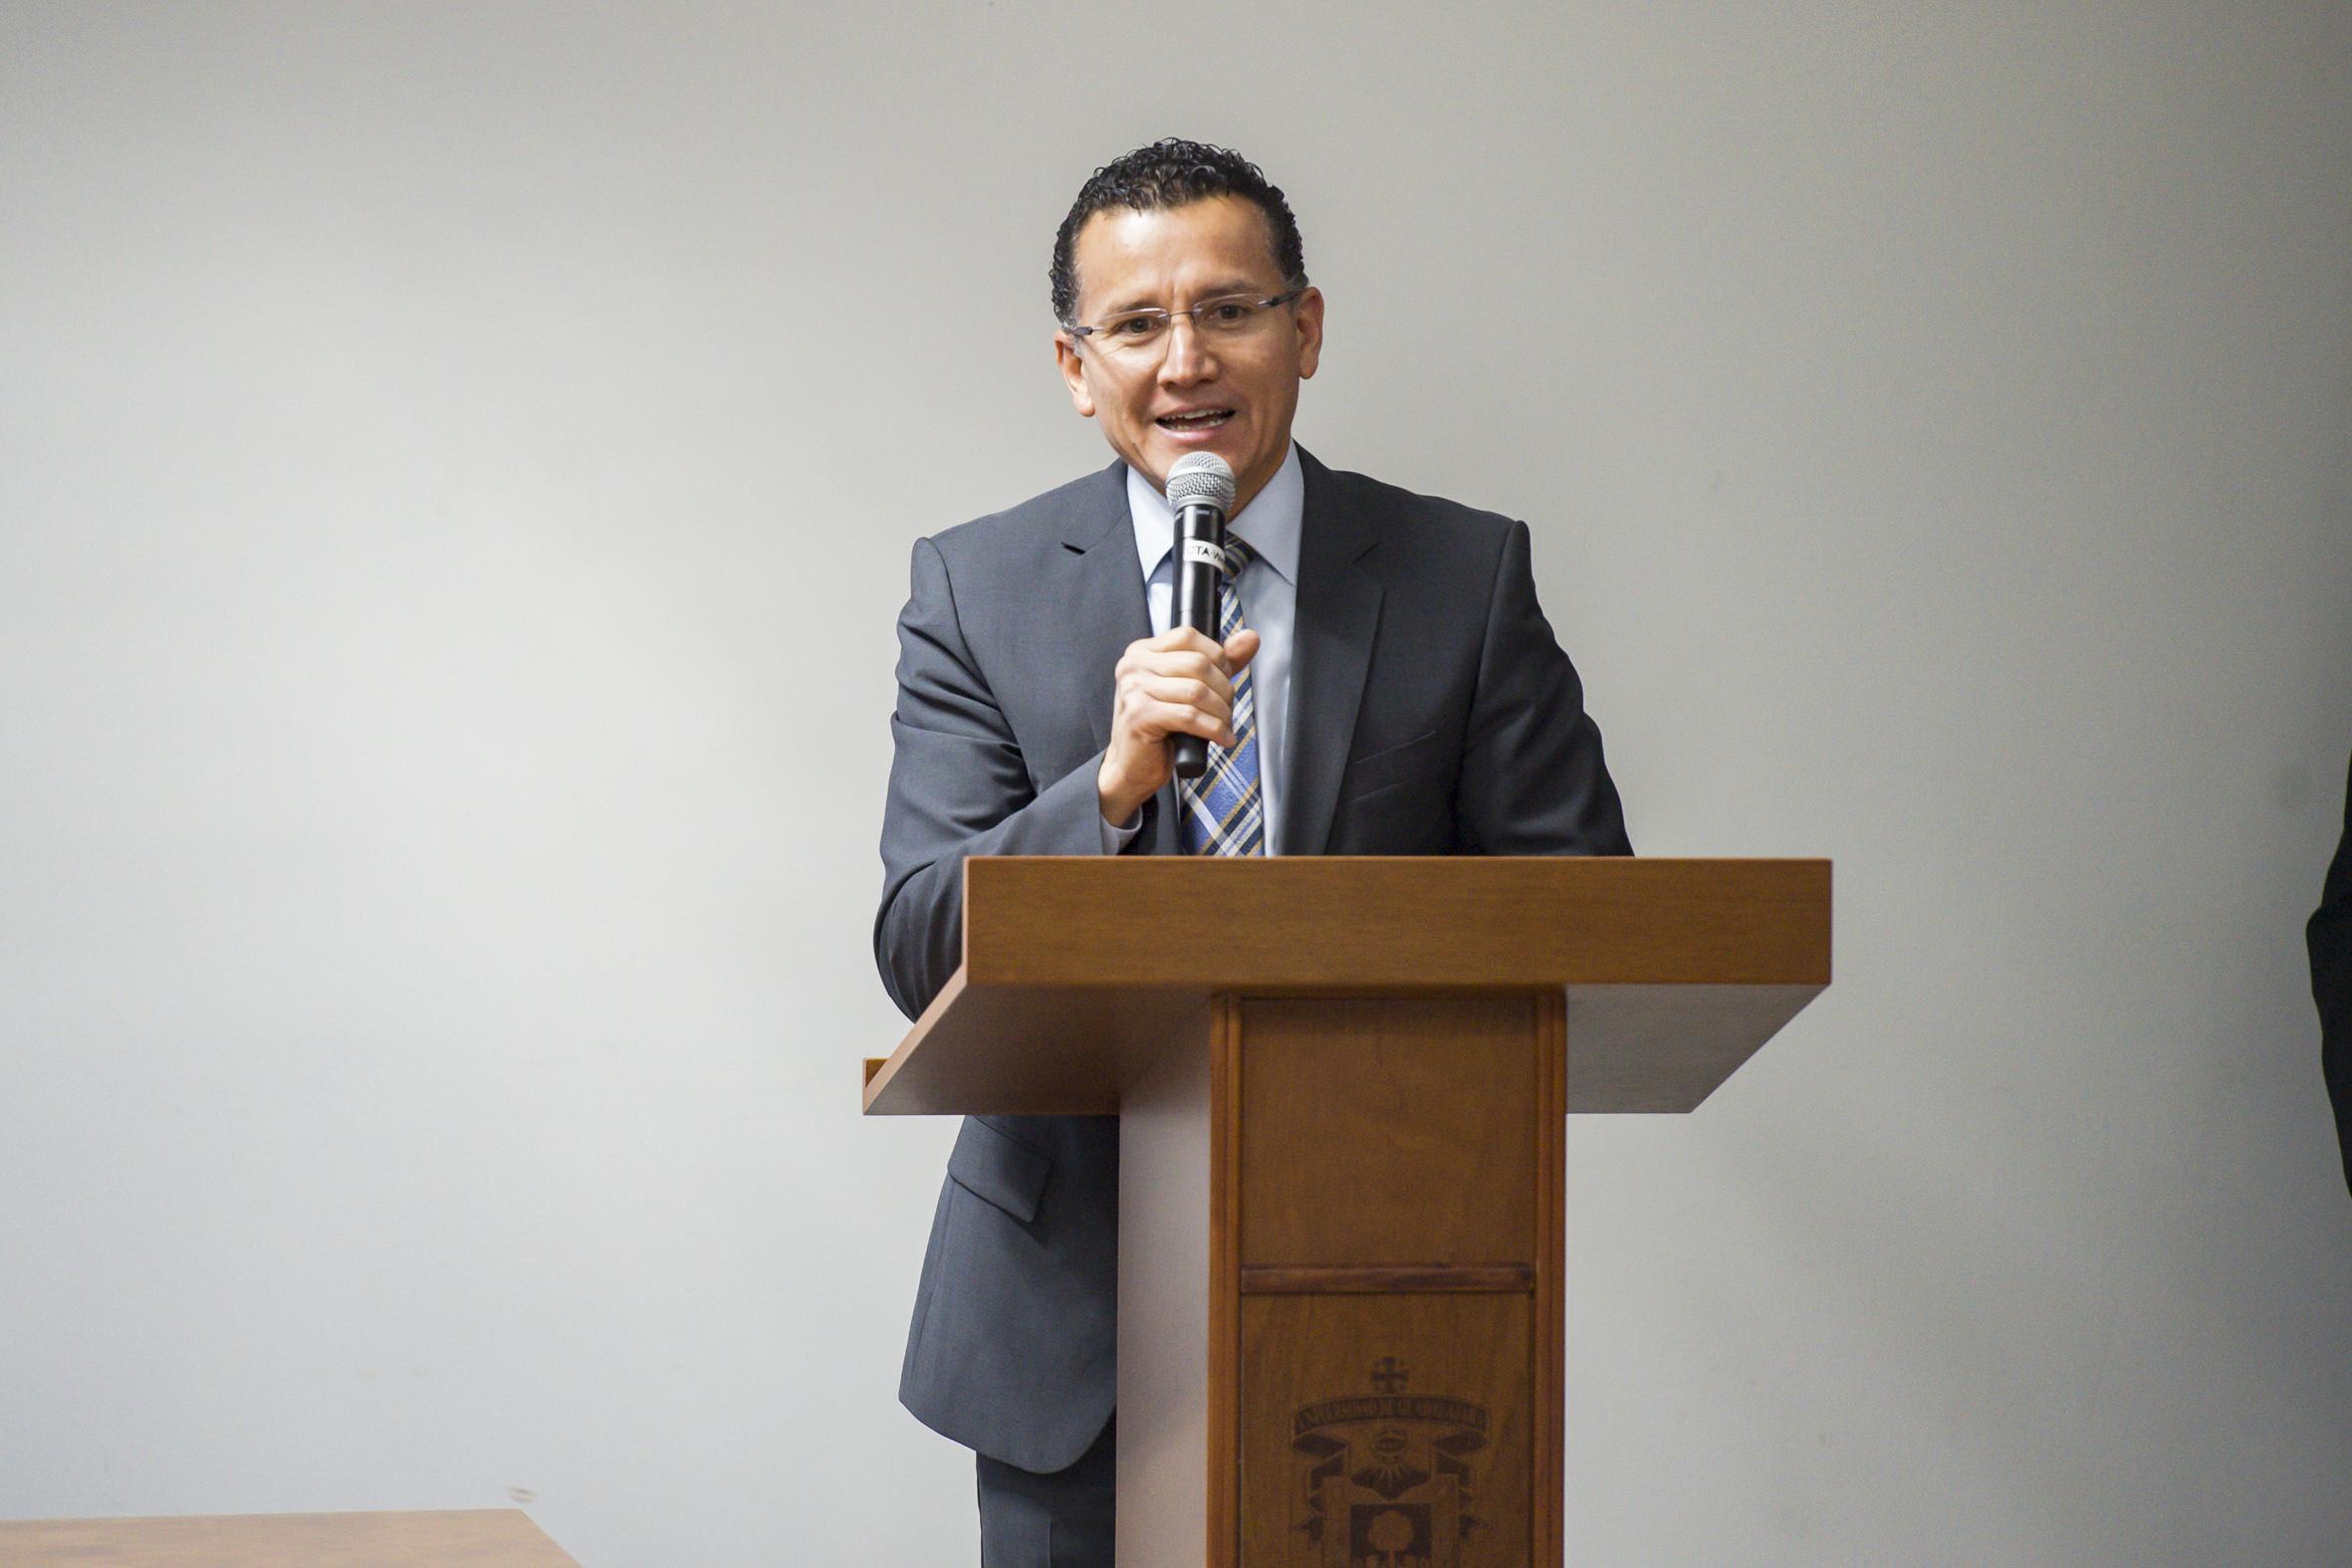 Especialista en el tema, en podium del evento, haciendo uso de la palabra.